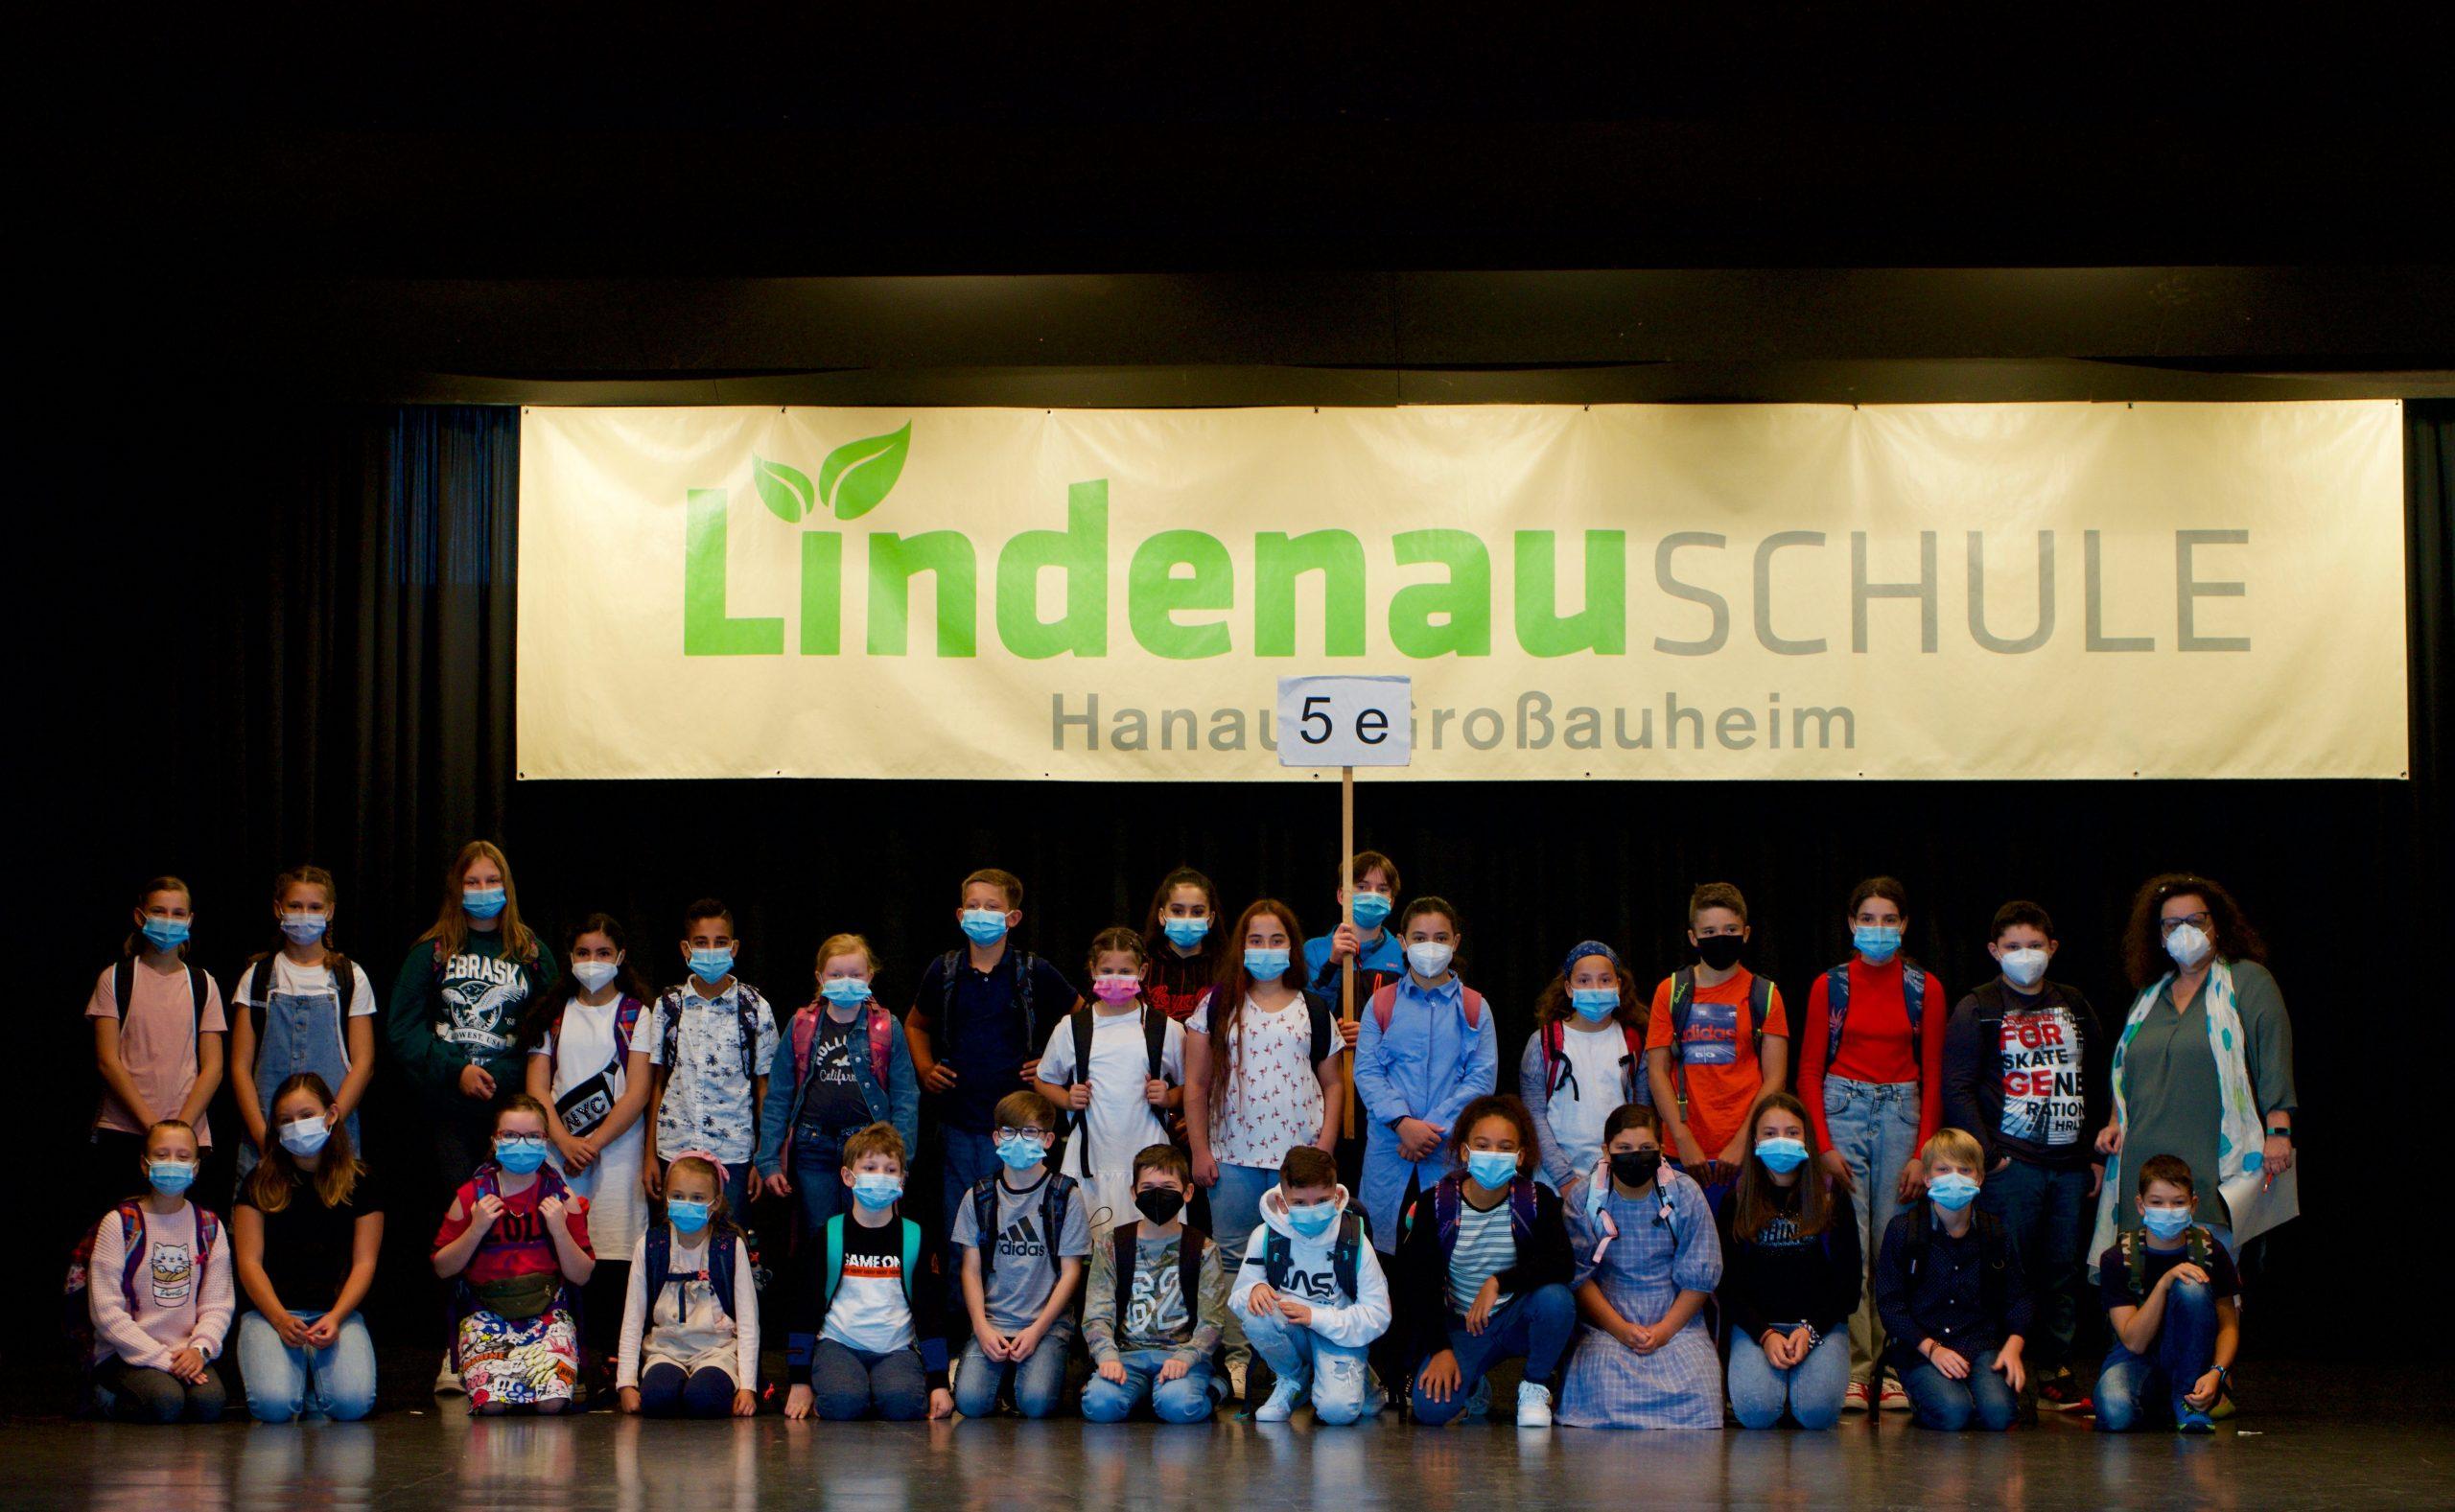 Lindenauschule begrüßt über 160 neue Fünftklässler